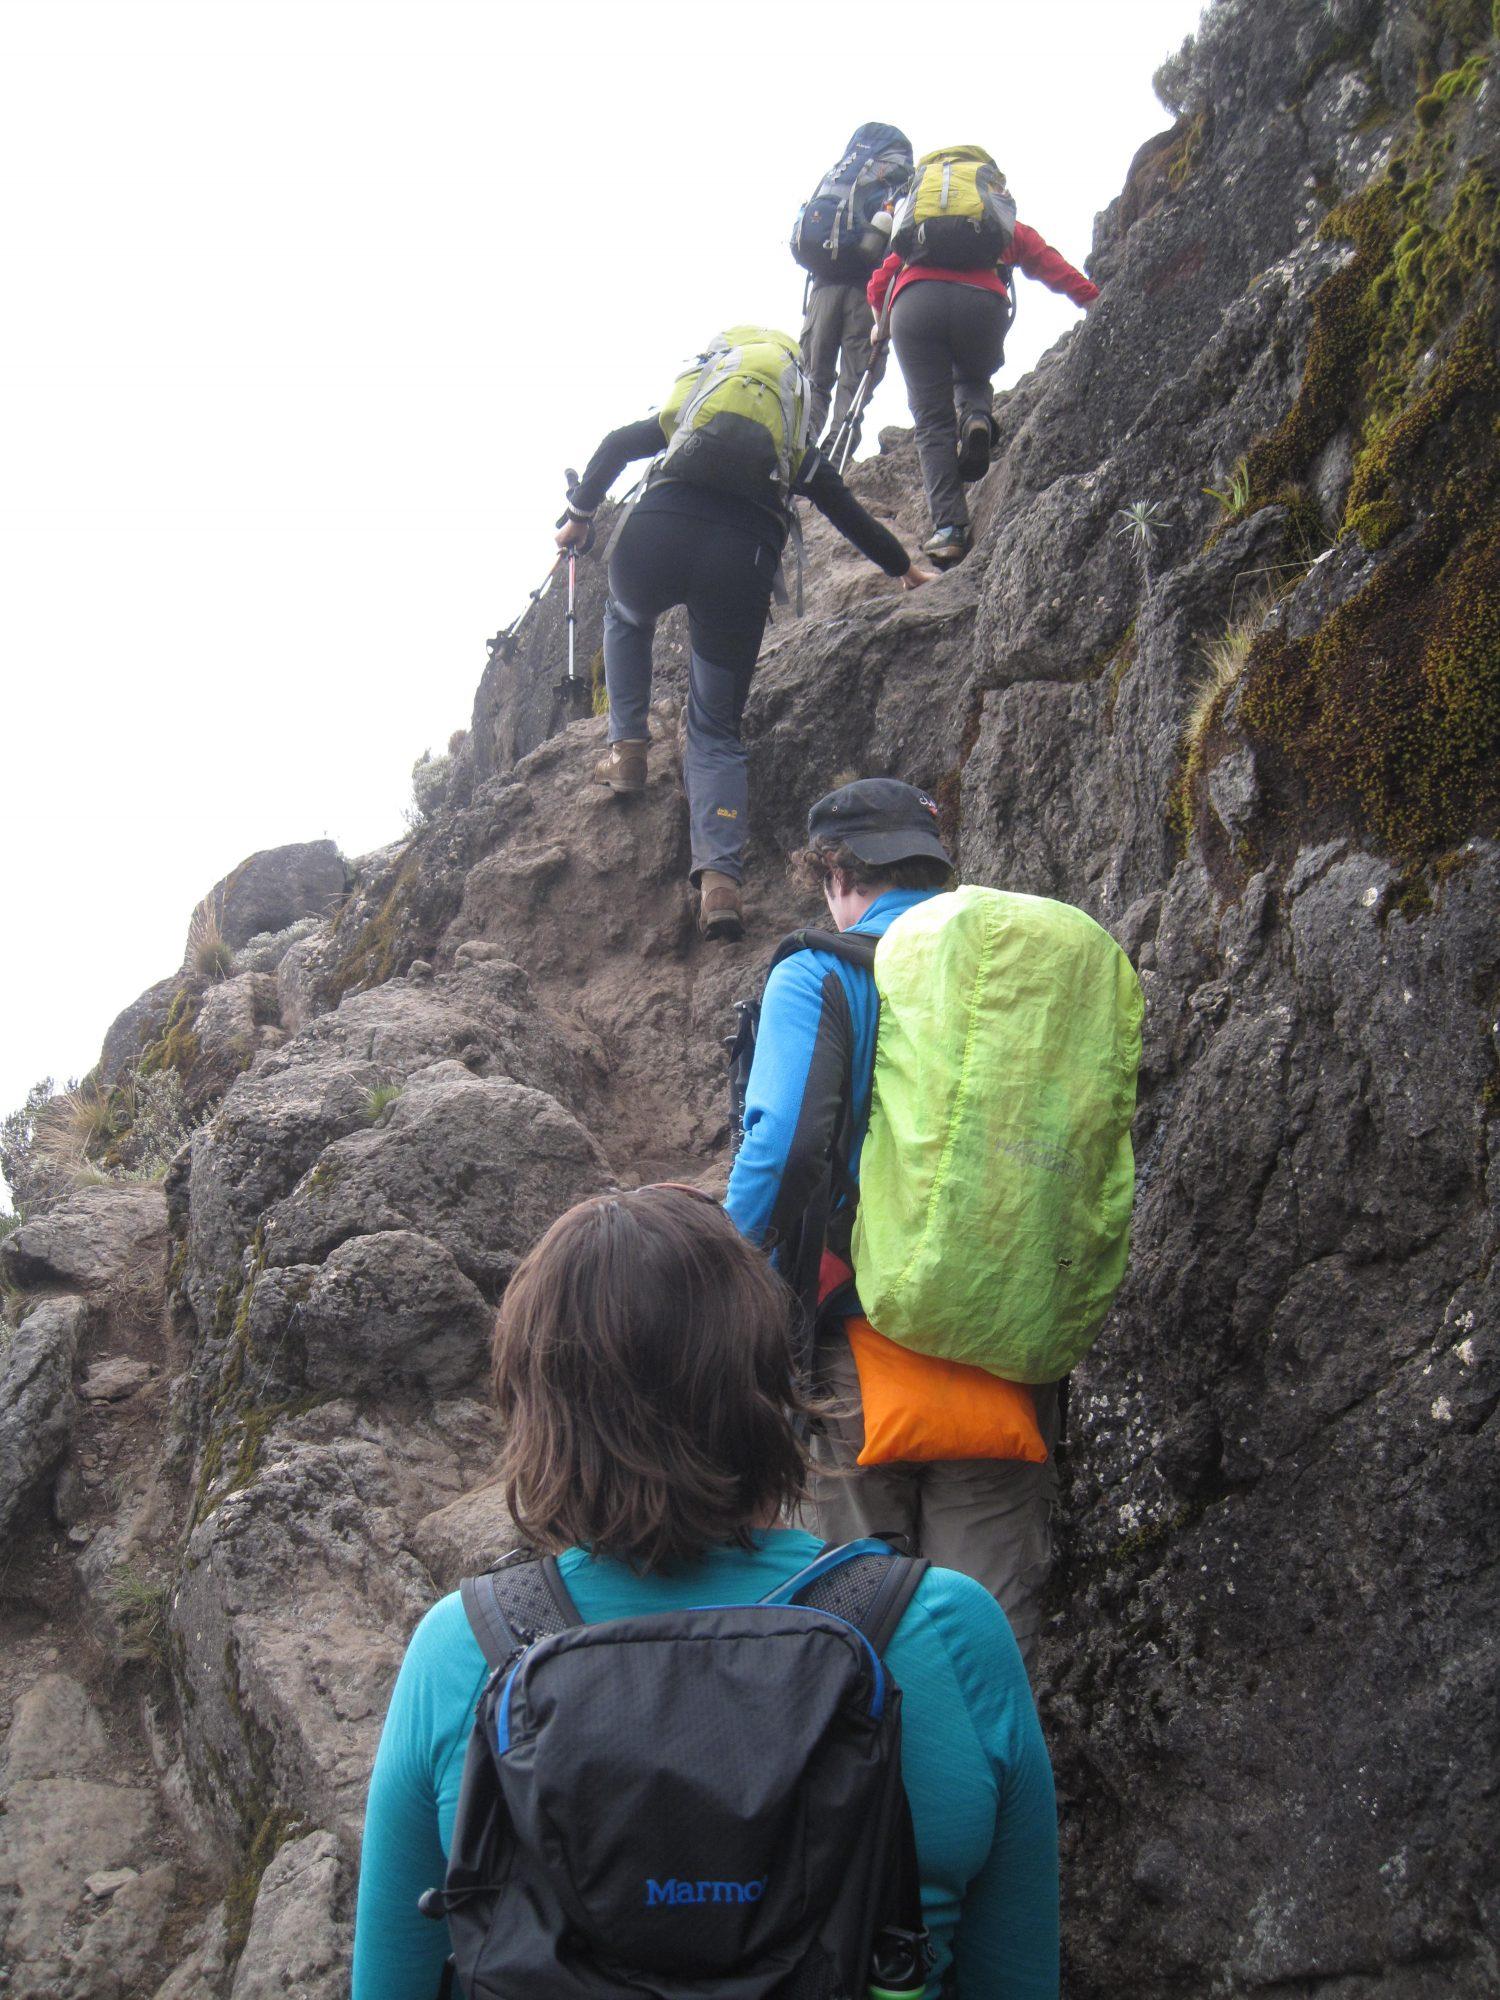 Steiler Abschnitt auf der Machame Route, Kilimandscharo, Kilimandscharo besteigen, Tansania, Afrika, Kilimandscharo Tour, Erfahrungsbericht, Machame Route